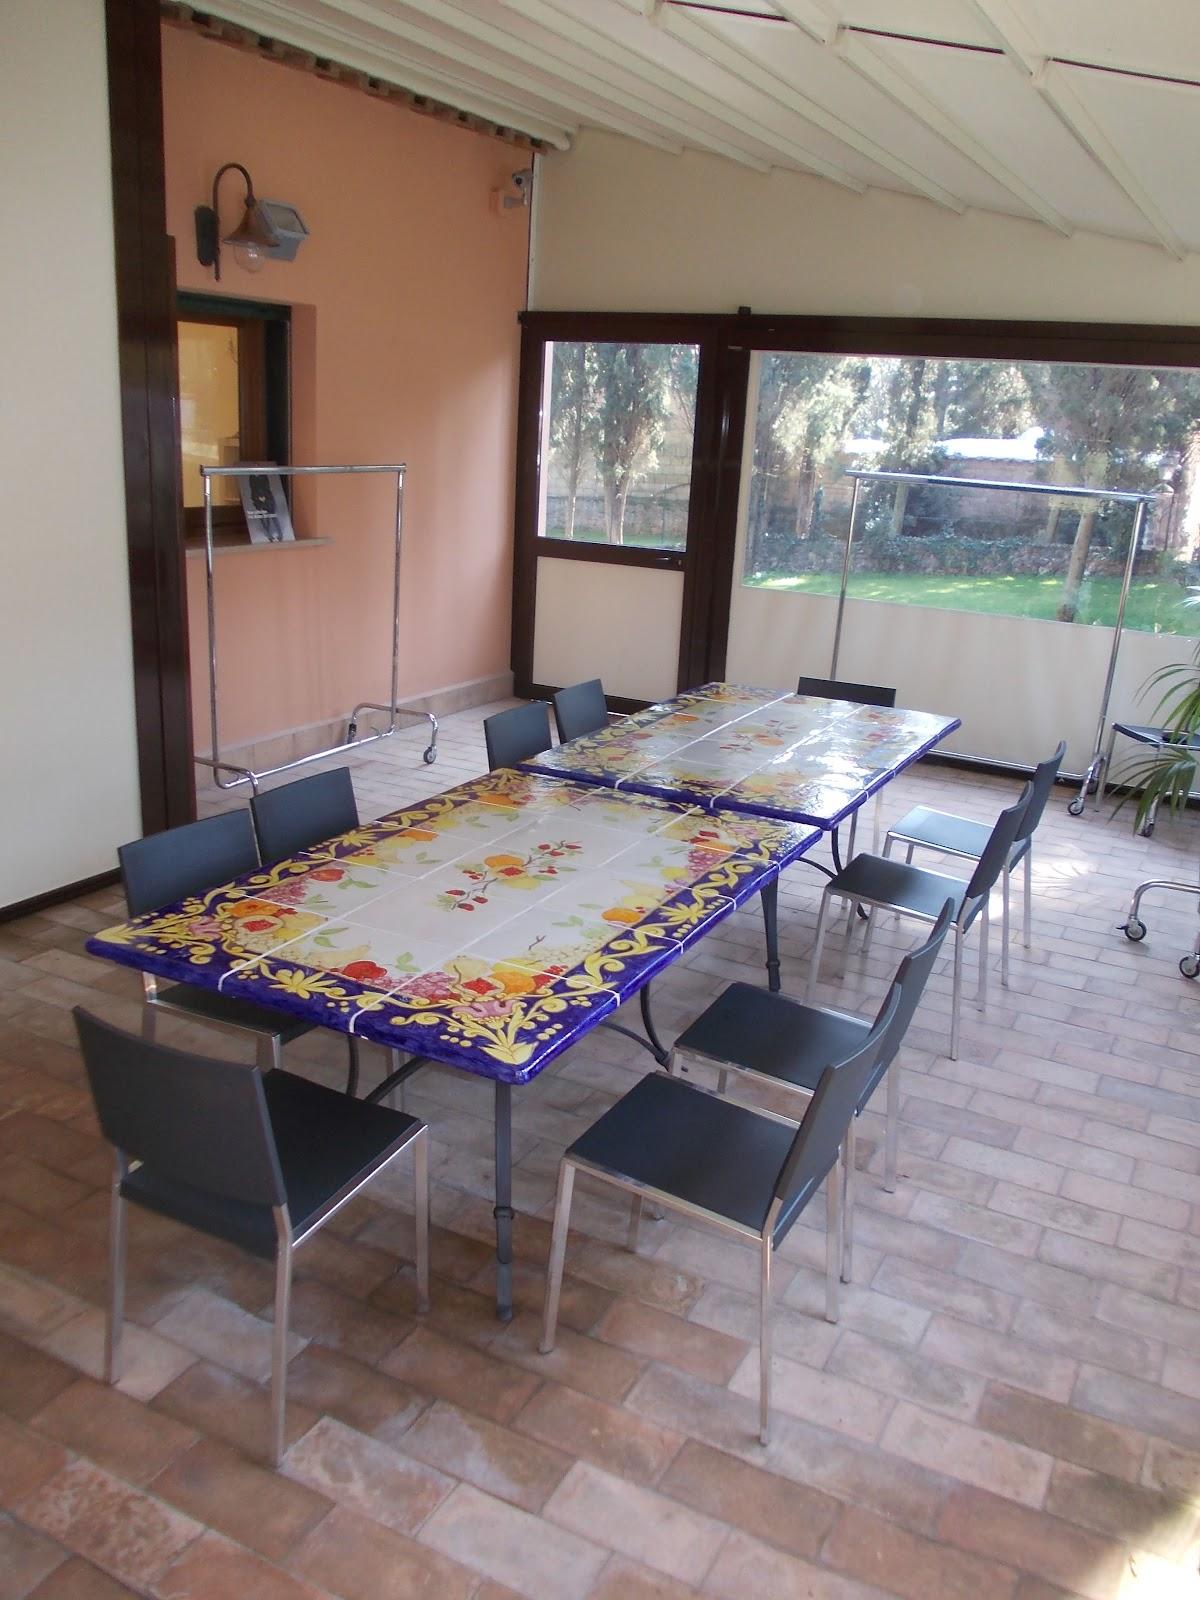 Tavoli Da Giardino In Ceramica Di Vietri.Vico Condotti Tavoli Da Interno E Da Giardino In Ceramica